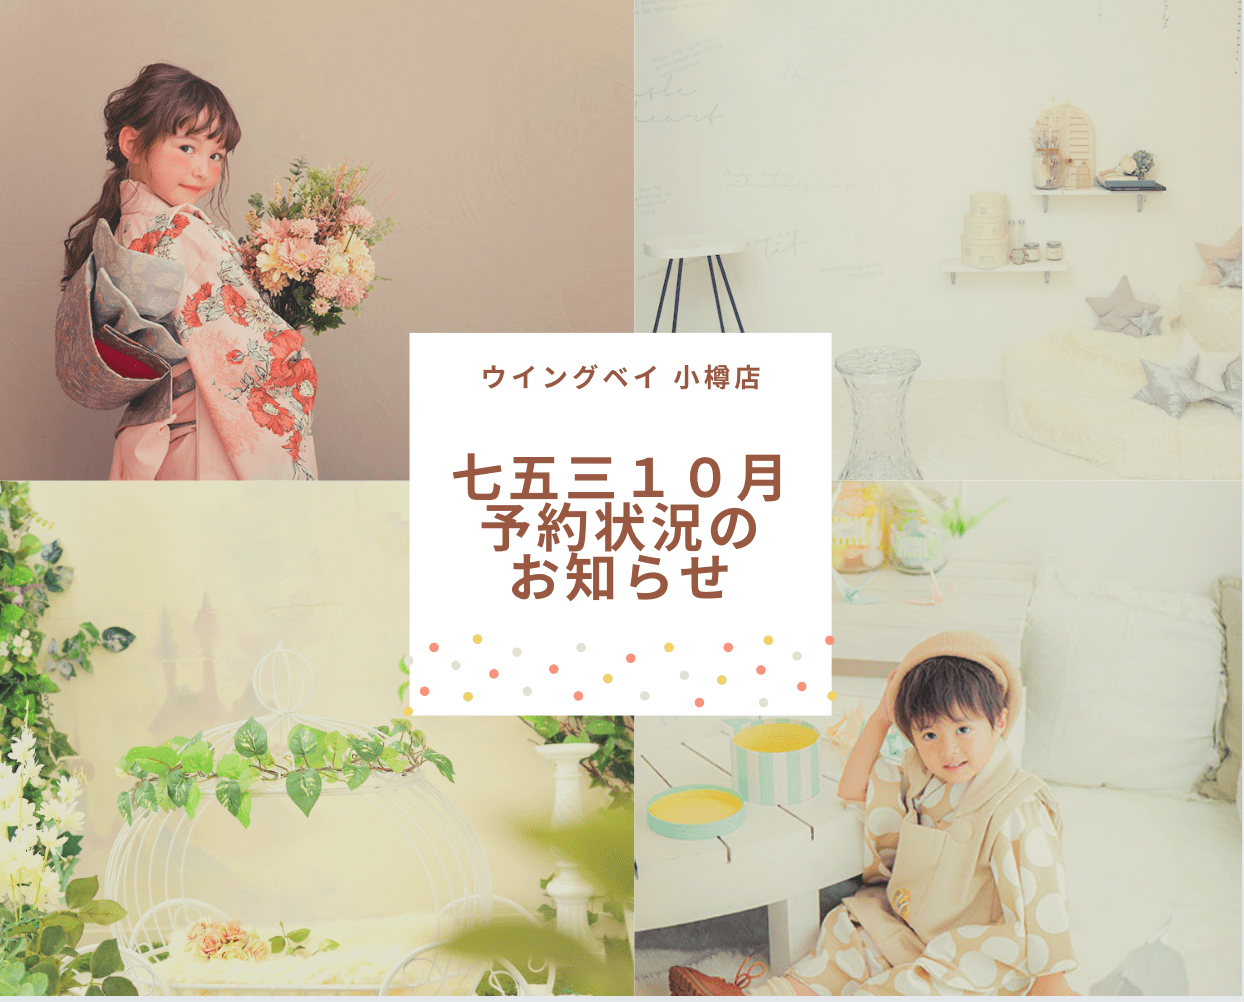 スクリーンショット 2019-10-02 14.08.37